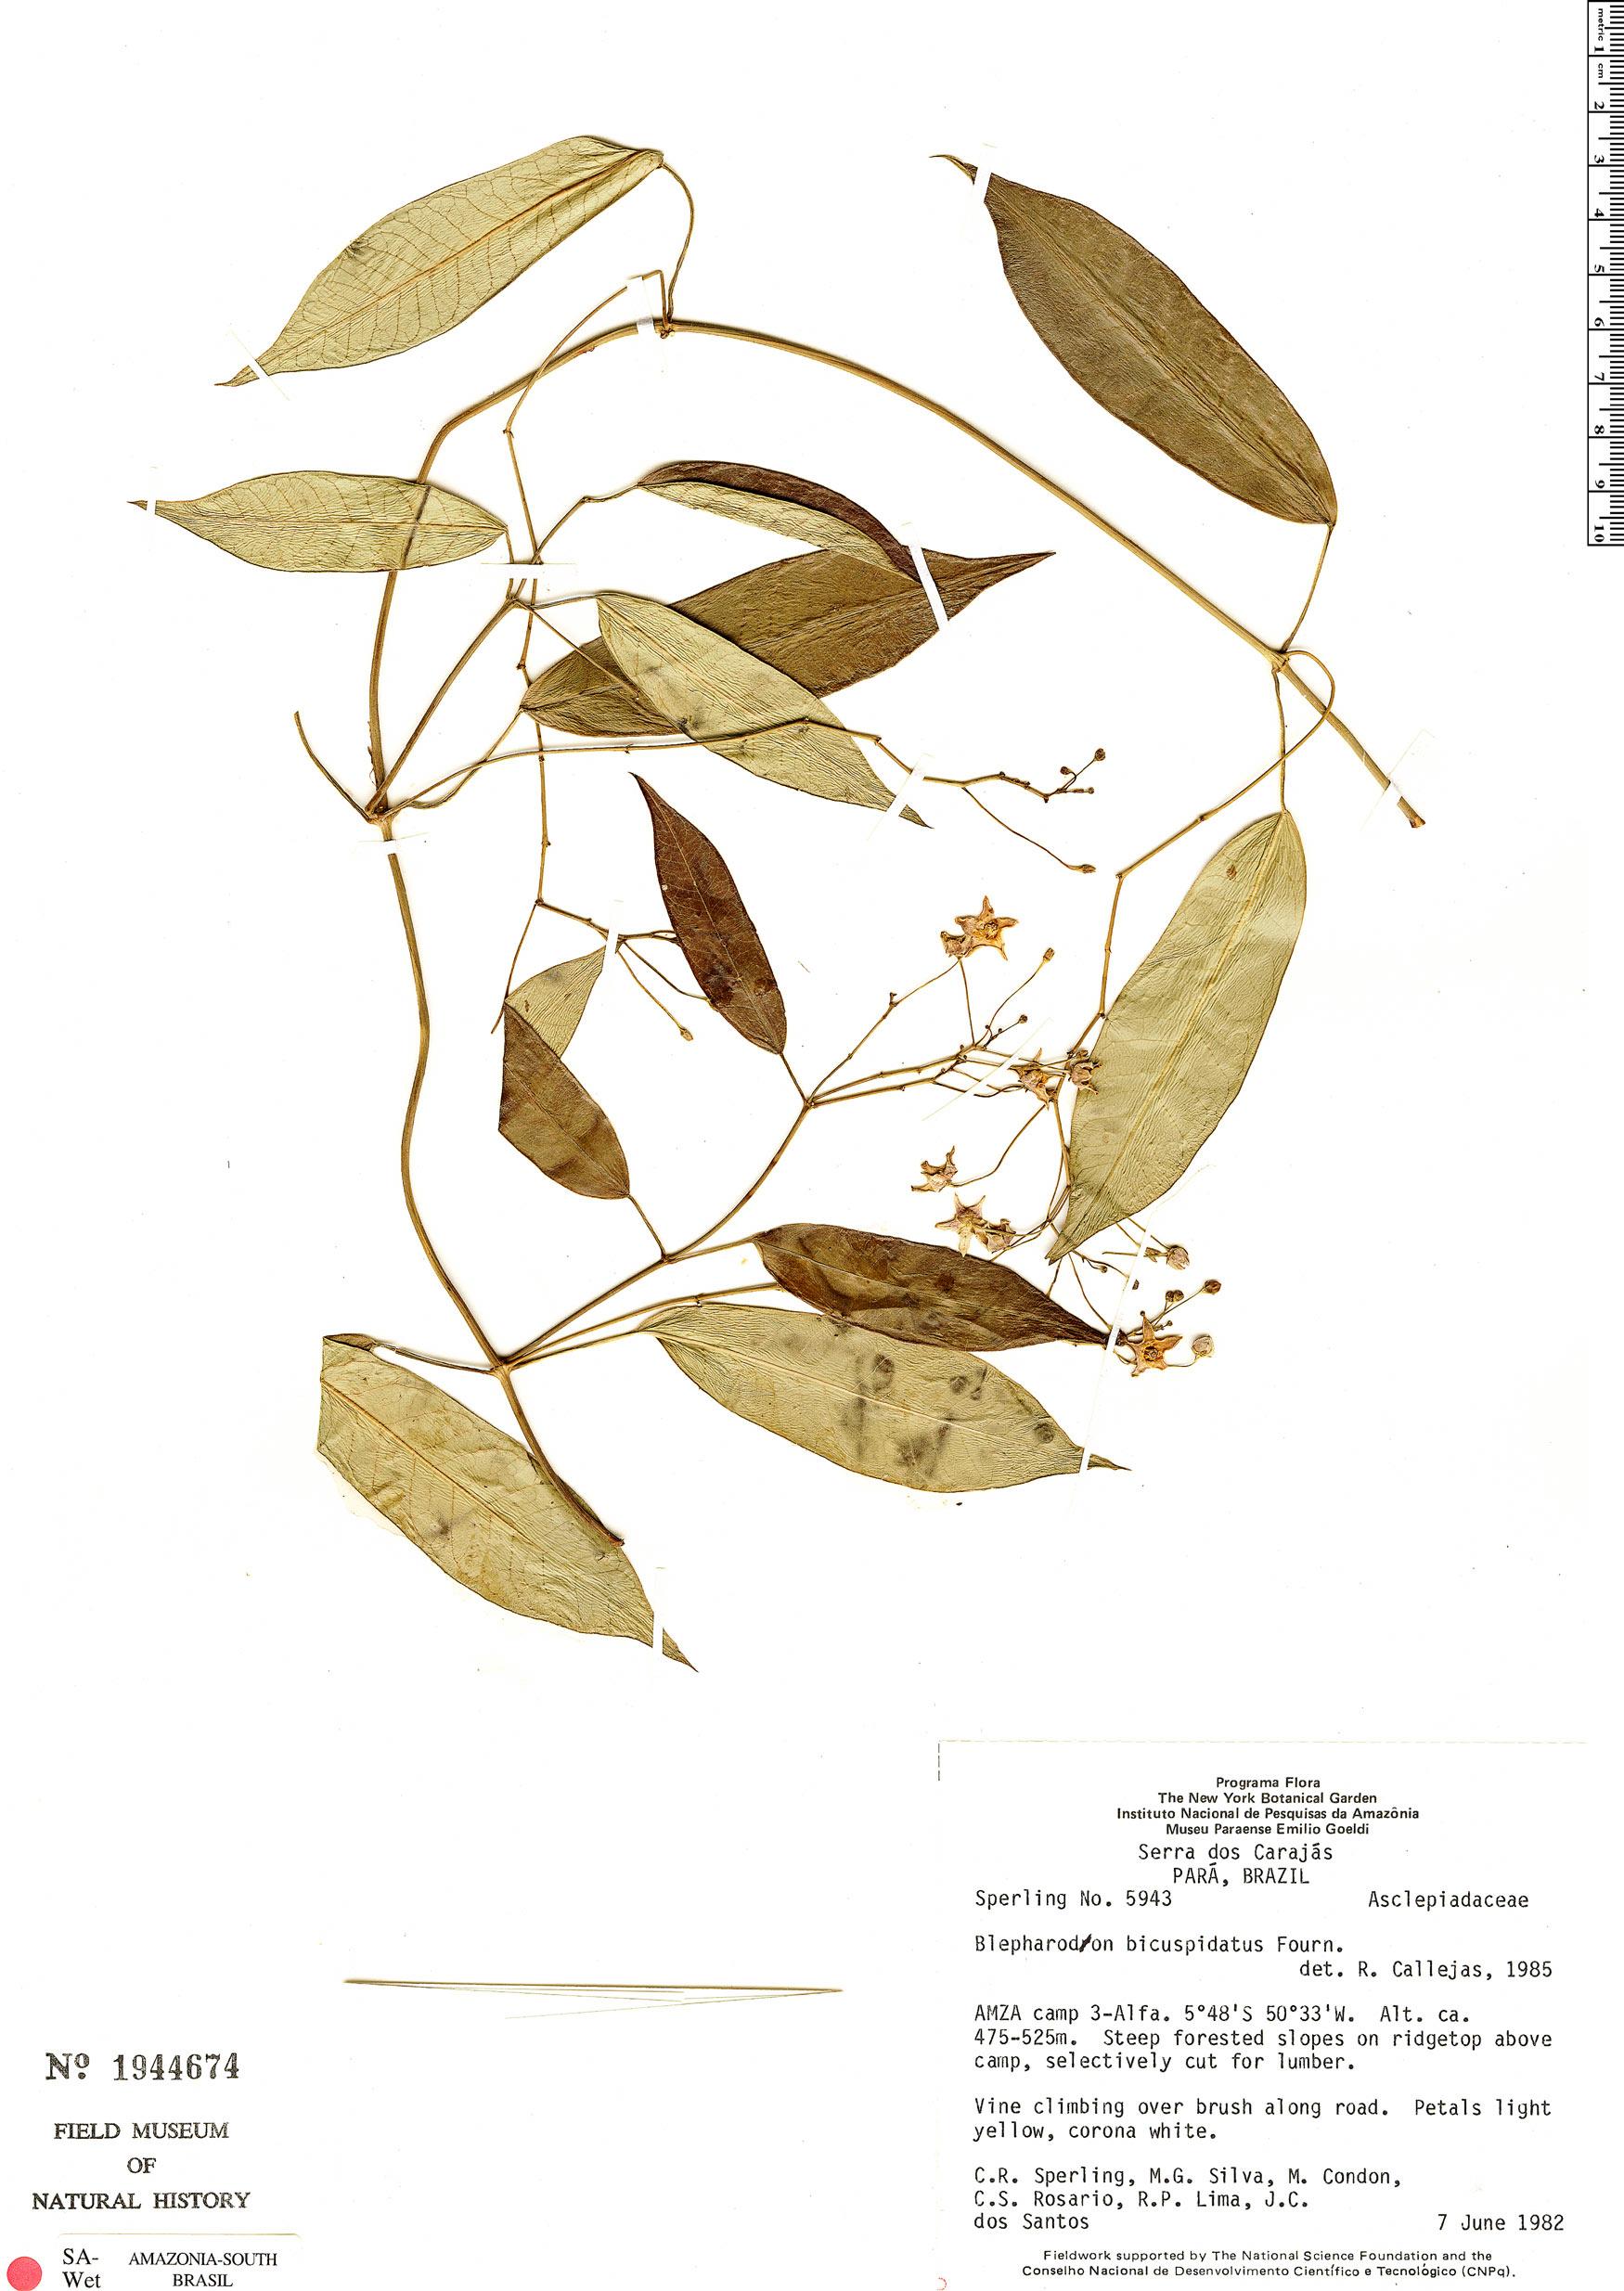 Specimen: Blepharodon bicuspidatum